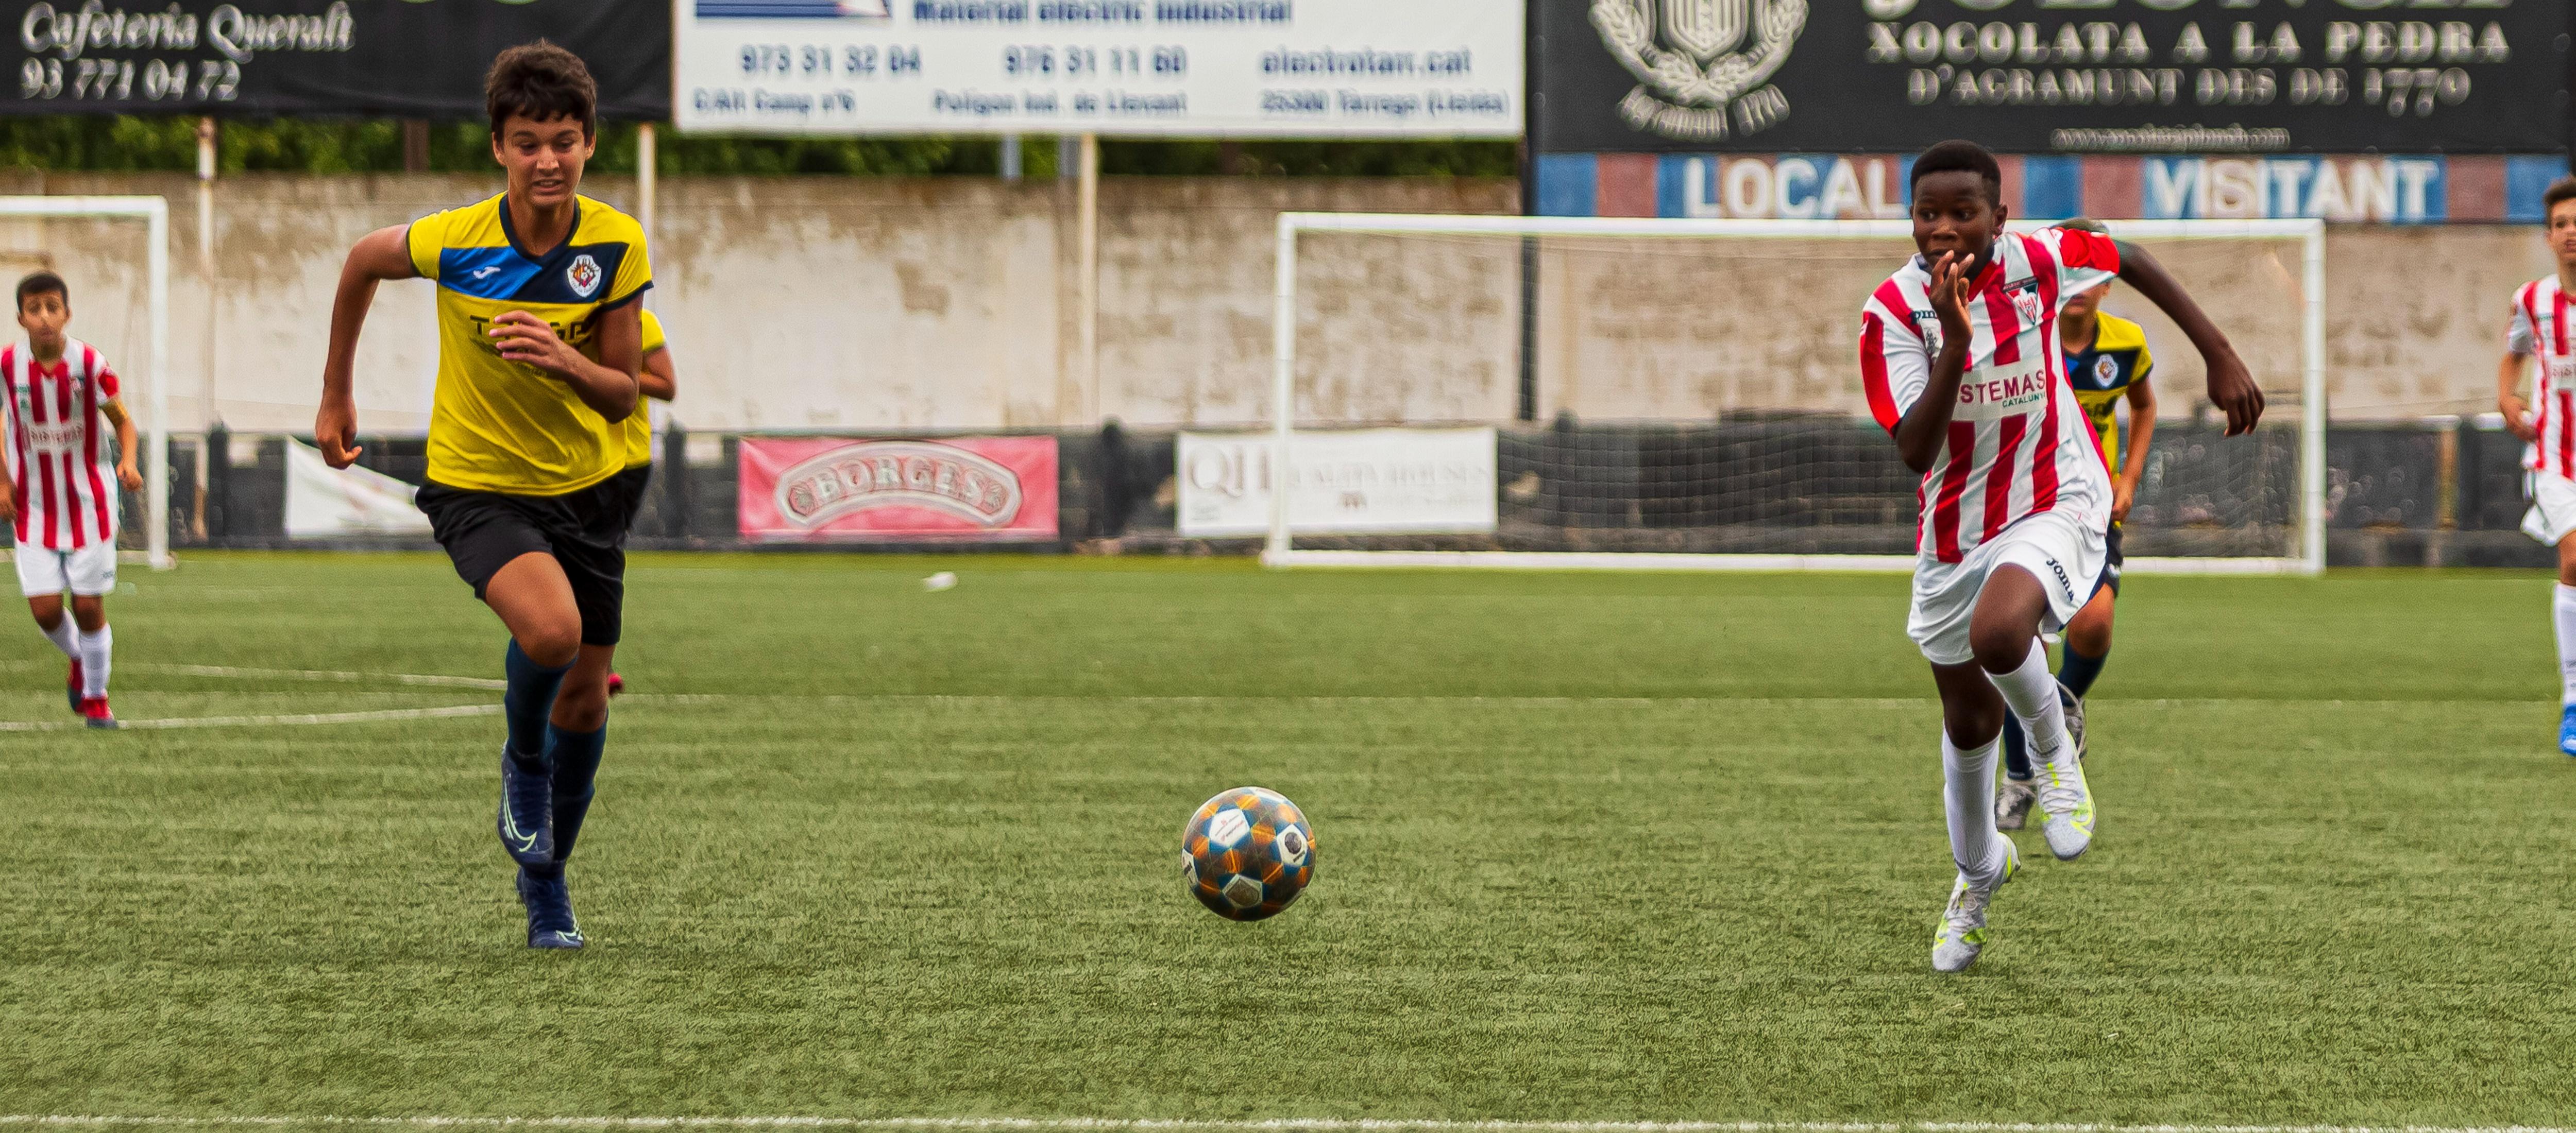 Arrenca la Copa Lleida Infantil amb els quarts de final